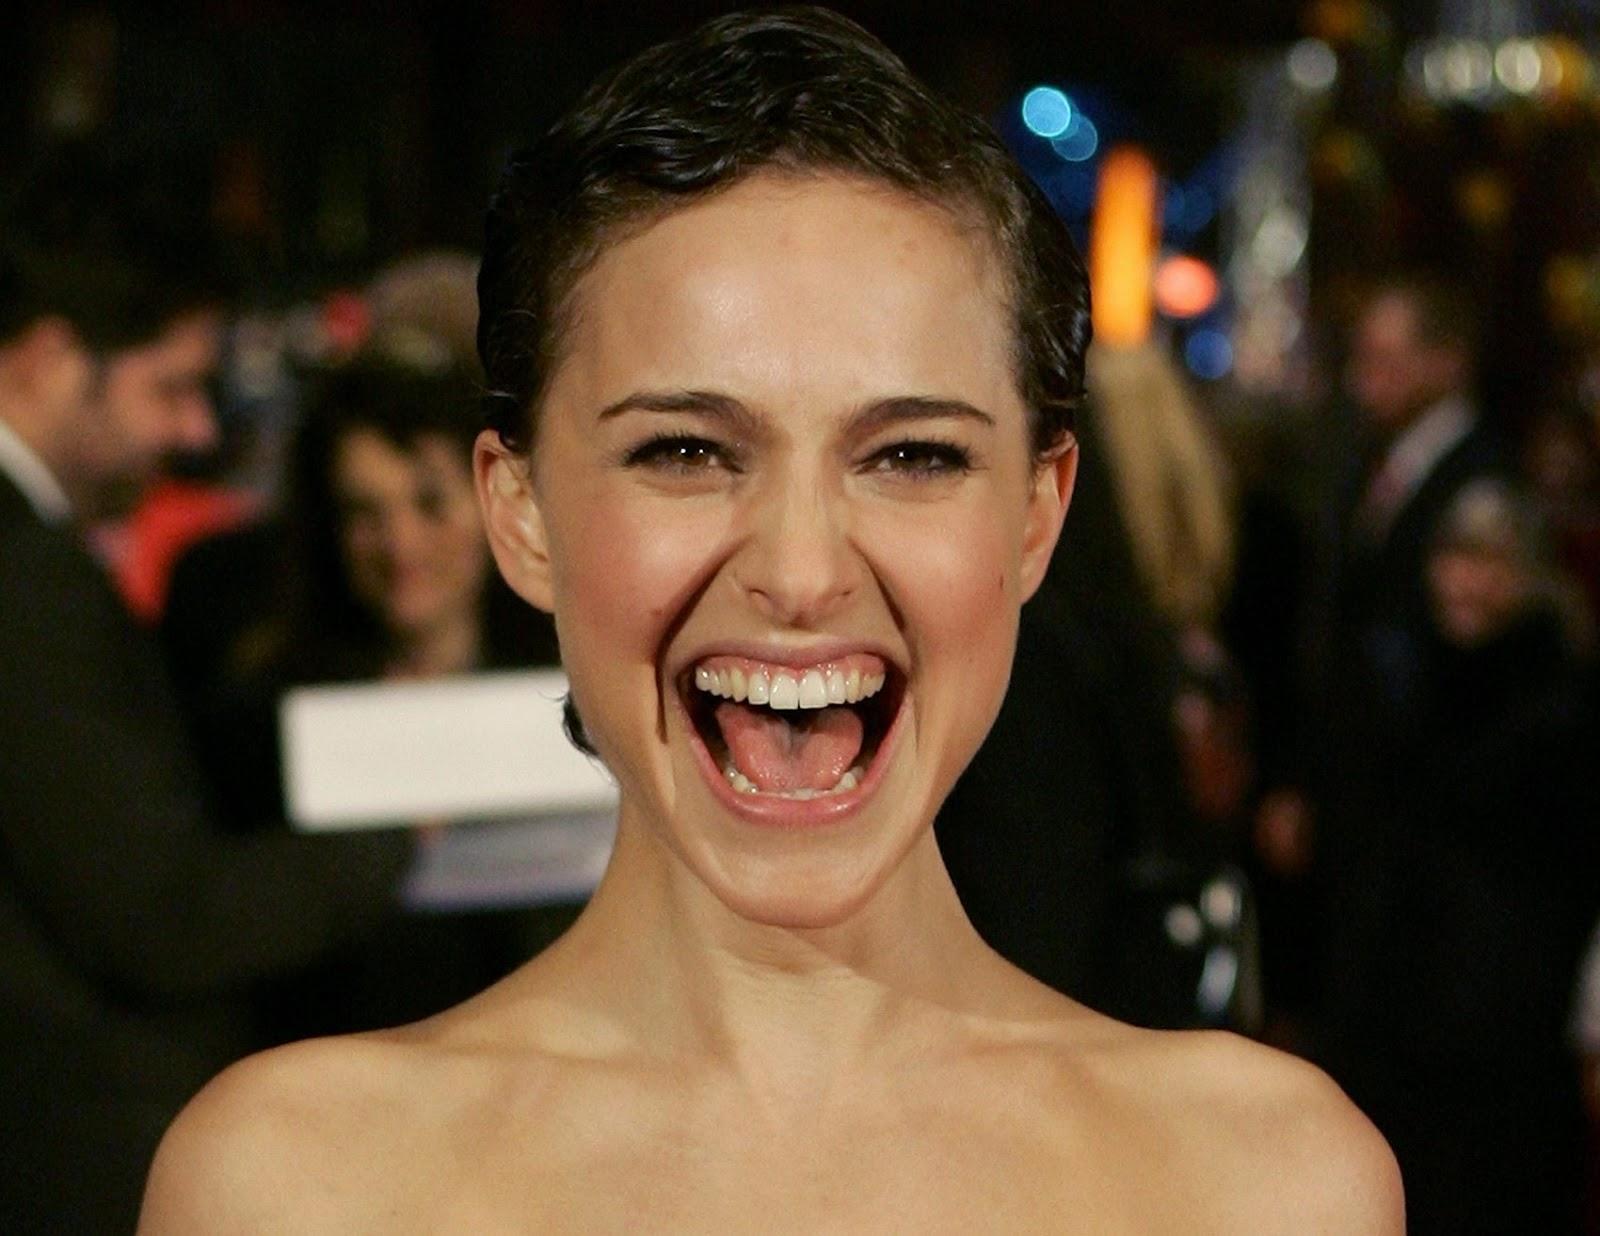 natalie portman open mouth